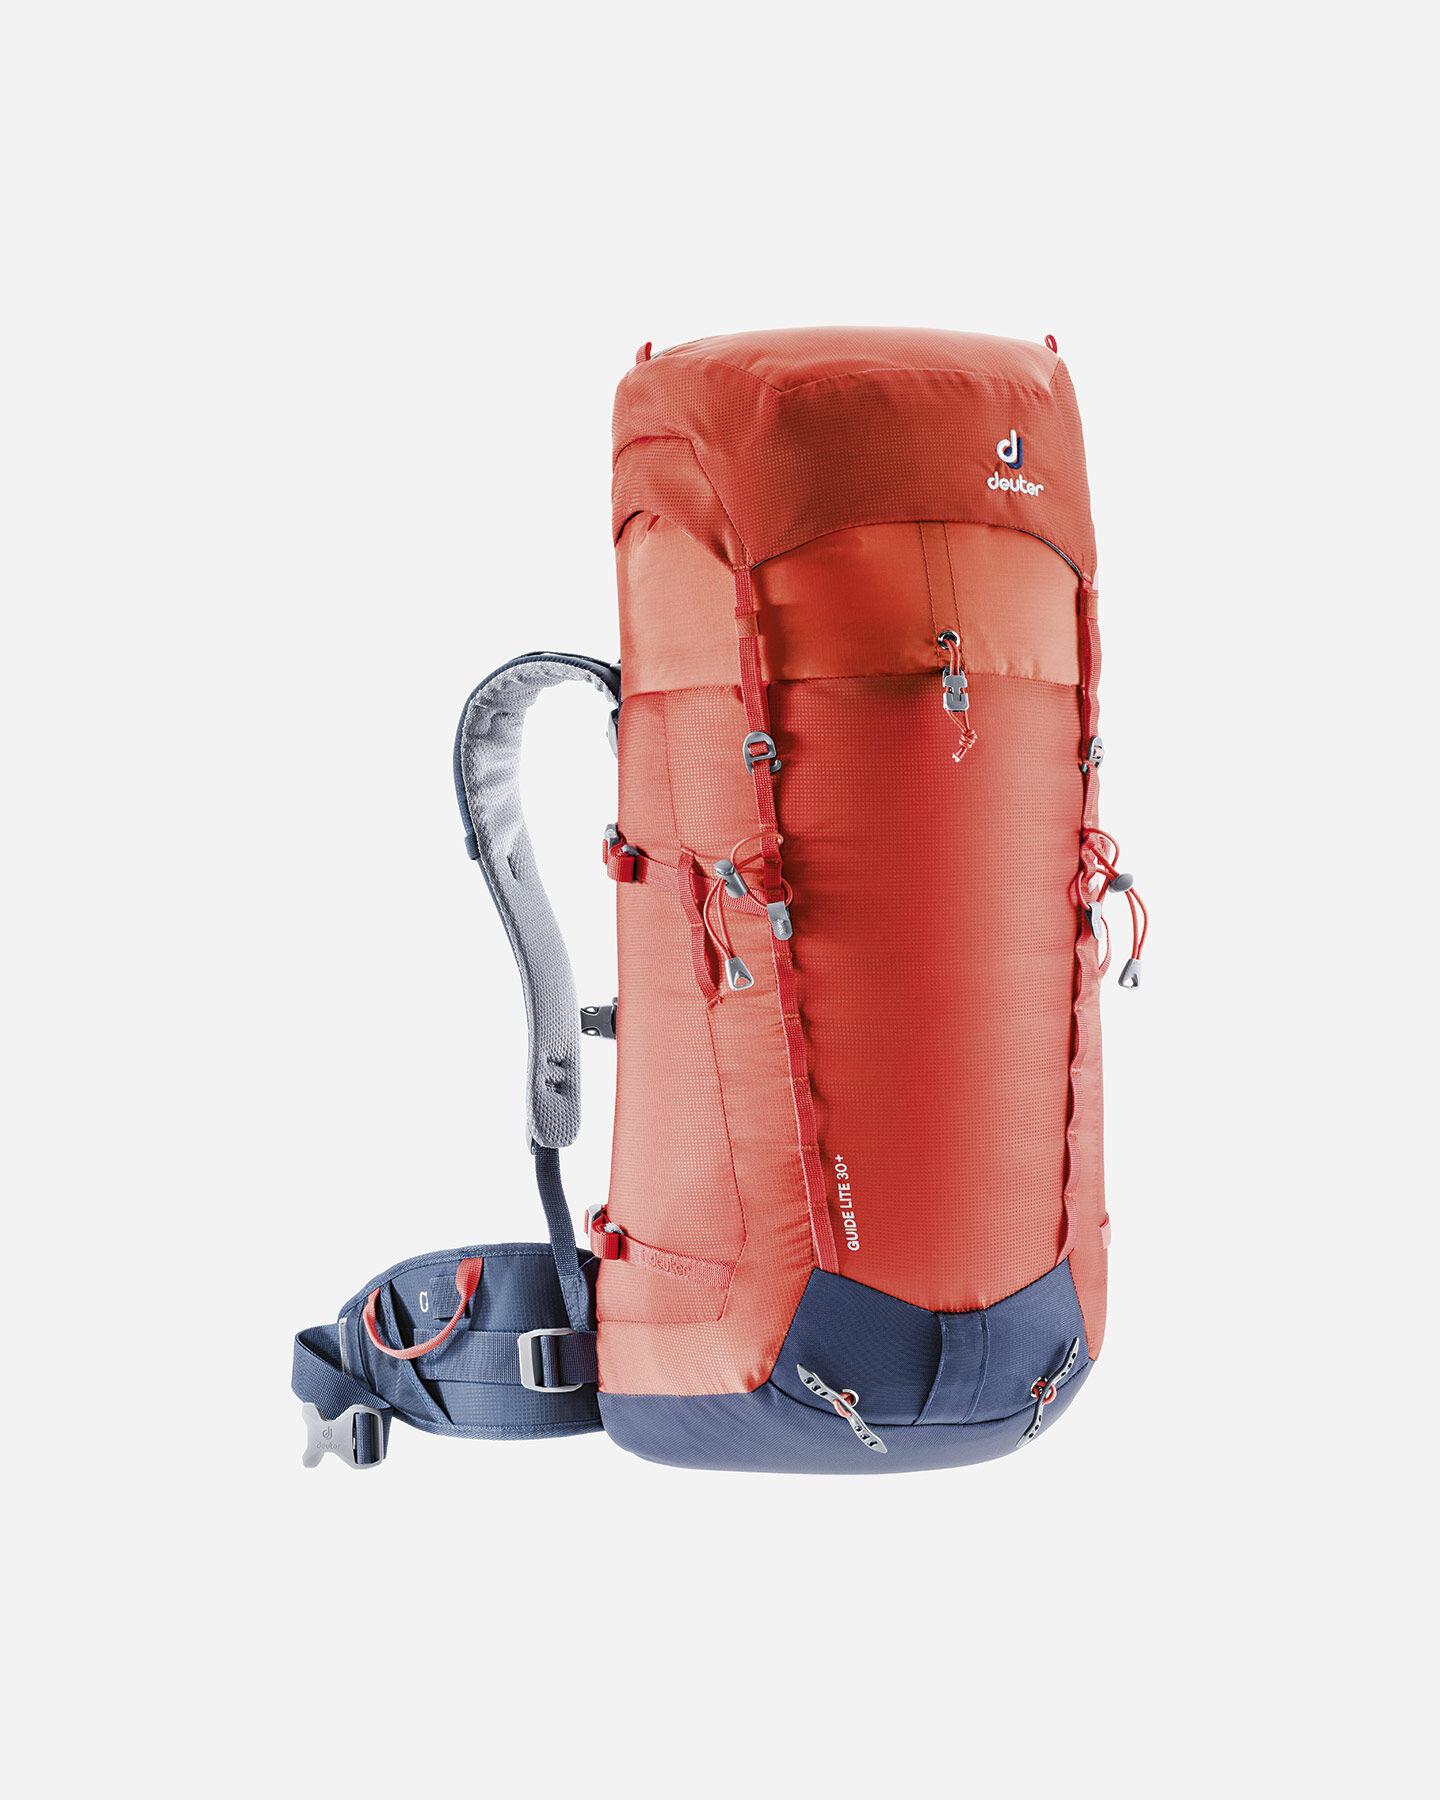 Zaino alpinismo DEUTER GUIDE LITE 30+ S4077421 9311 UNI scatto 2